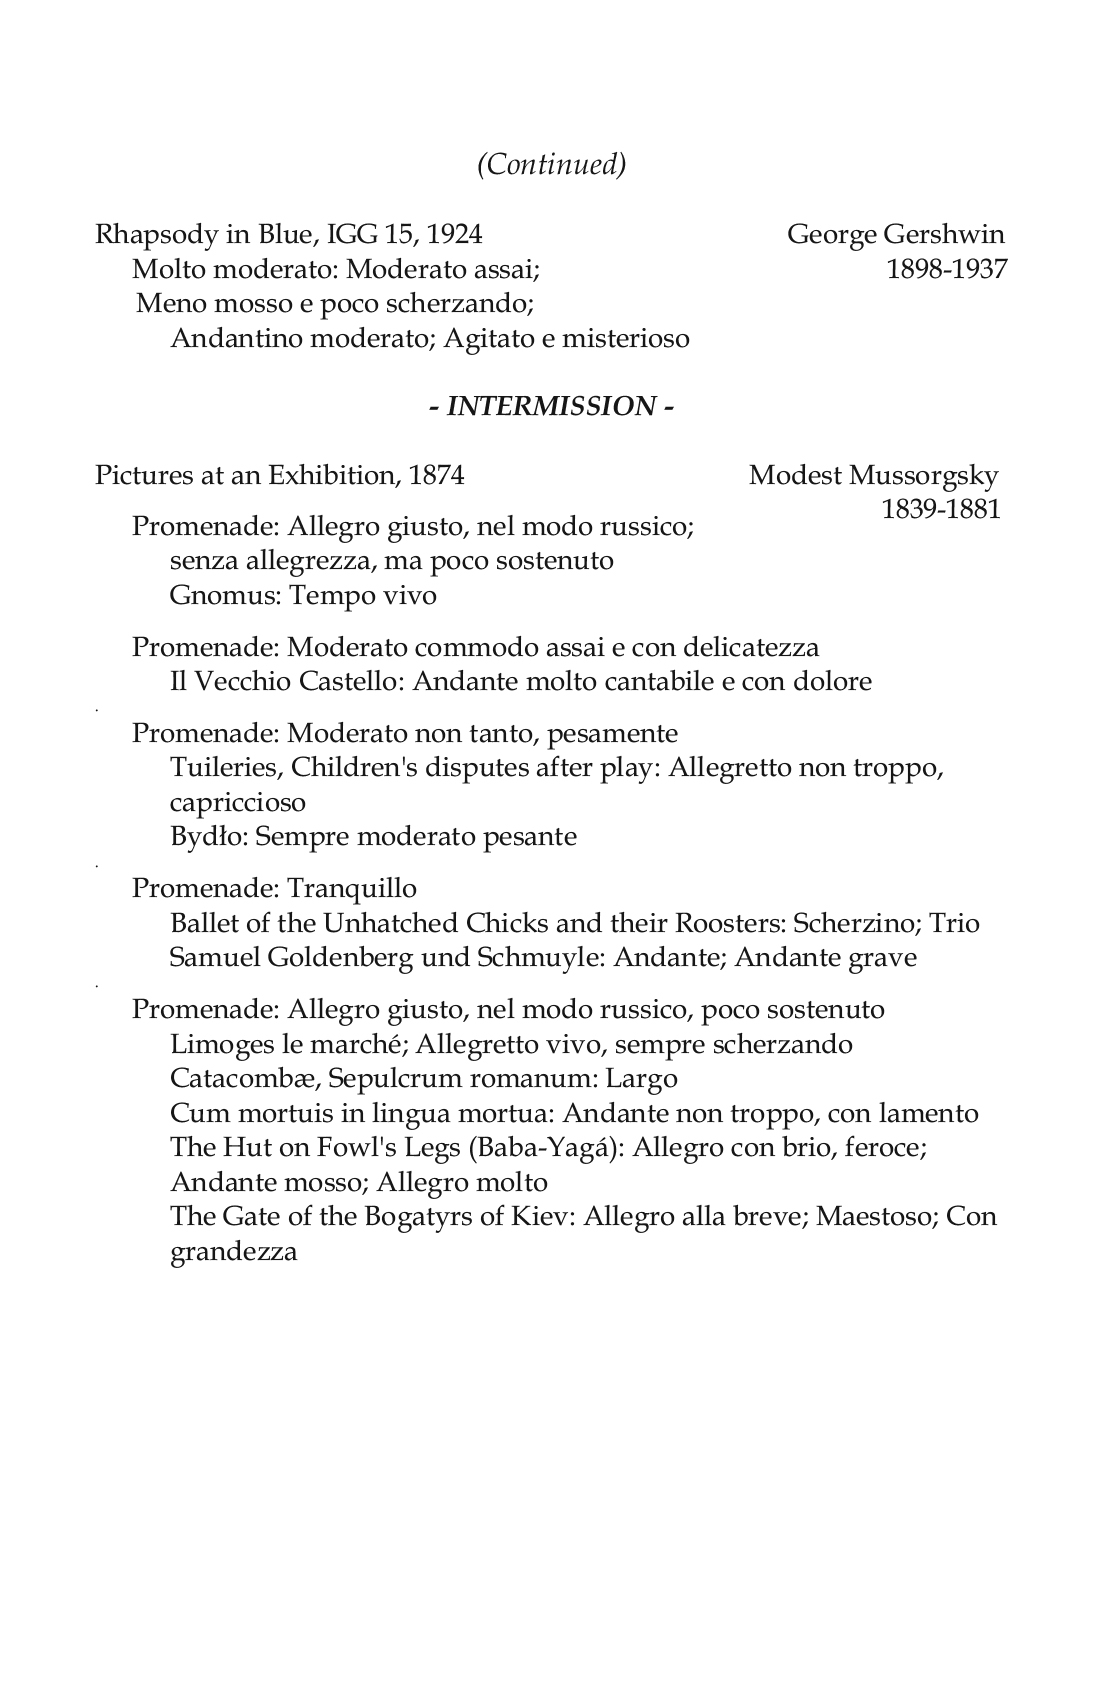 Promusica - program pages 2018-19-8.jpg